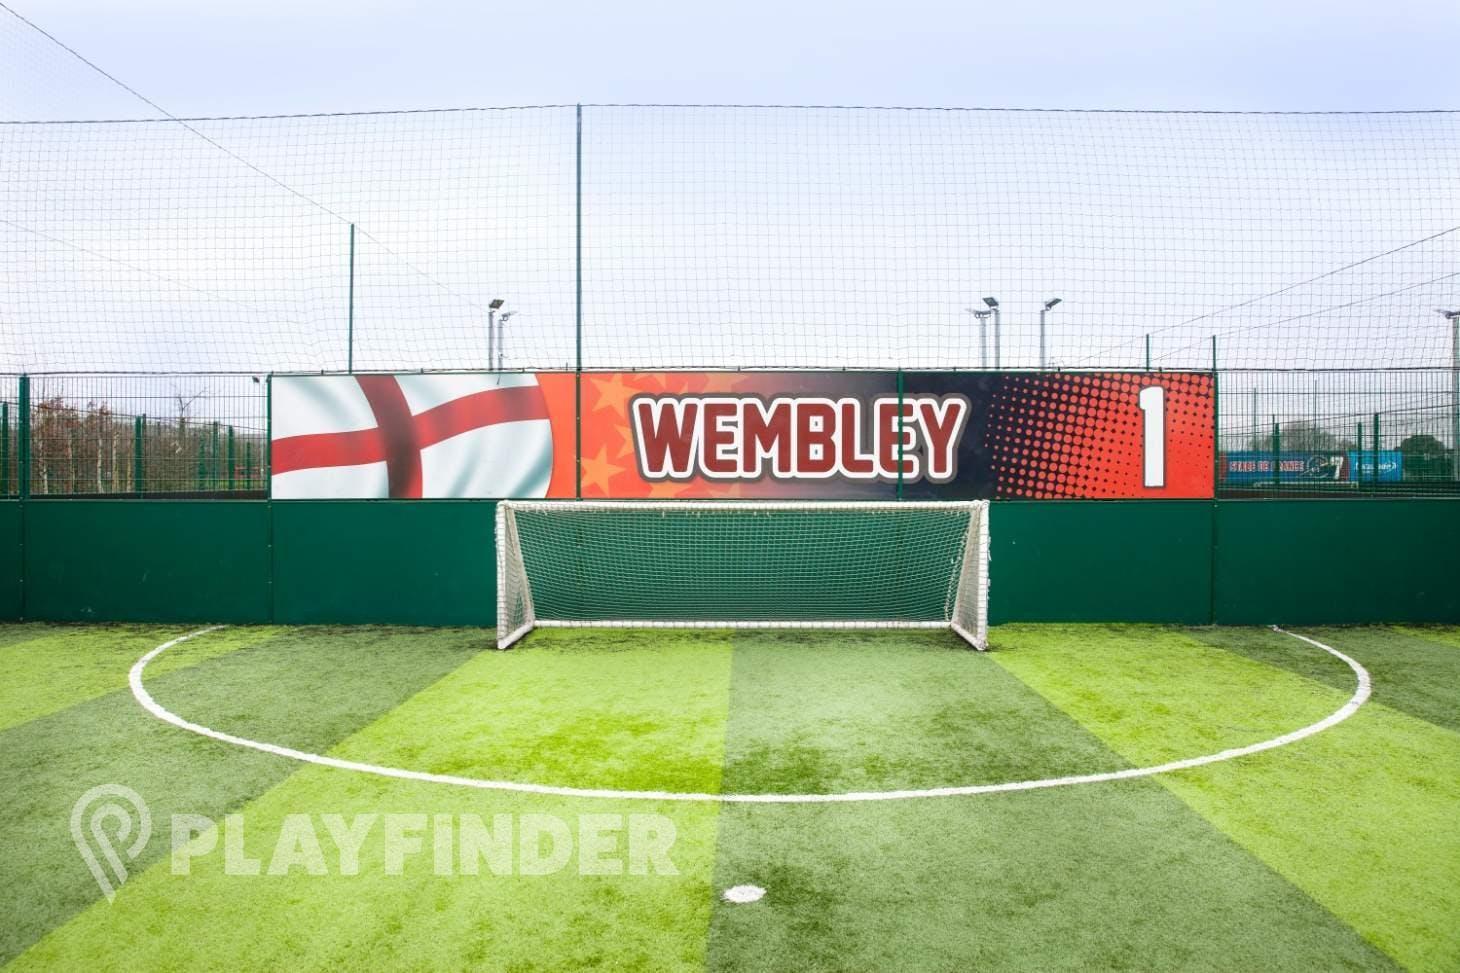 Goals Leeds 5 a side | 3G Astroturf football pitch